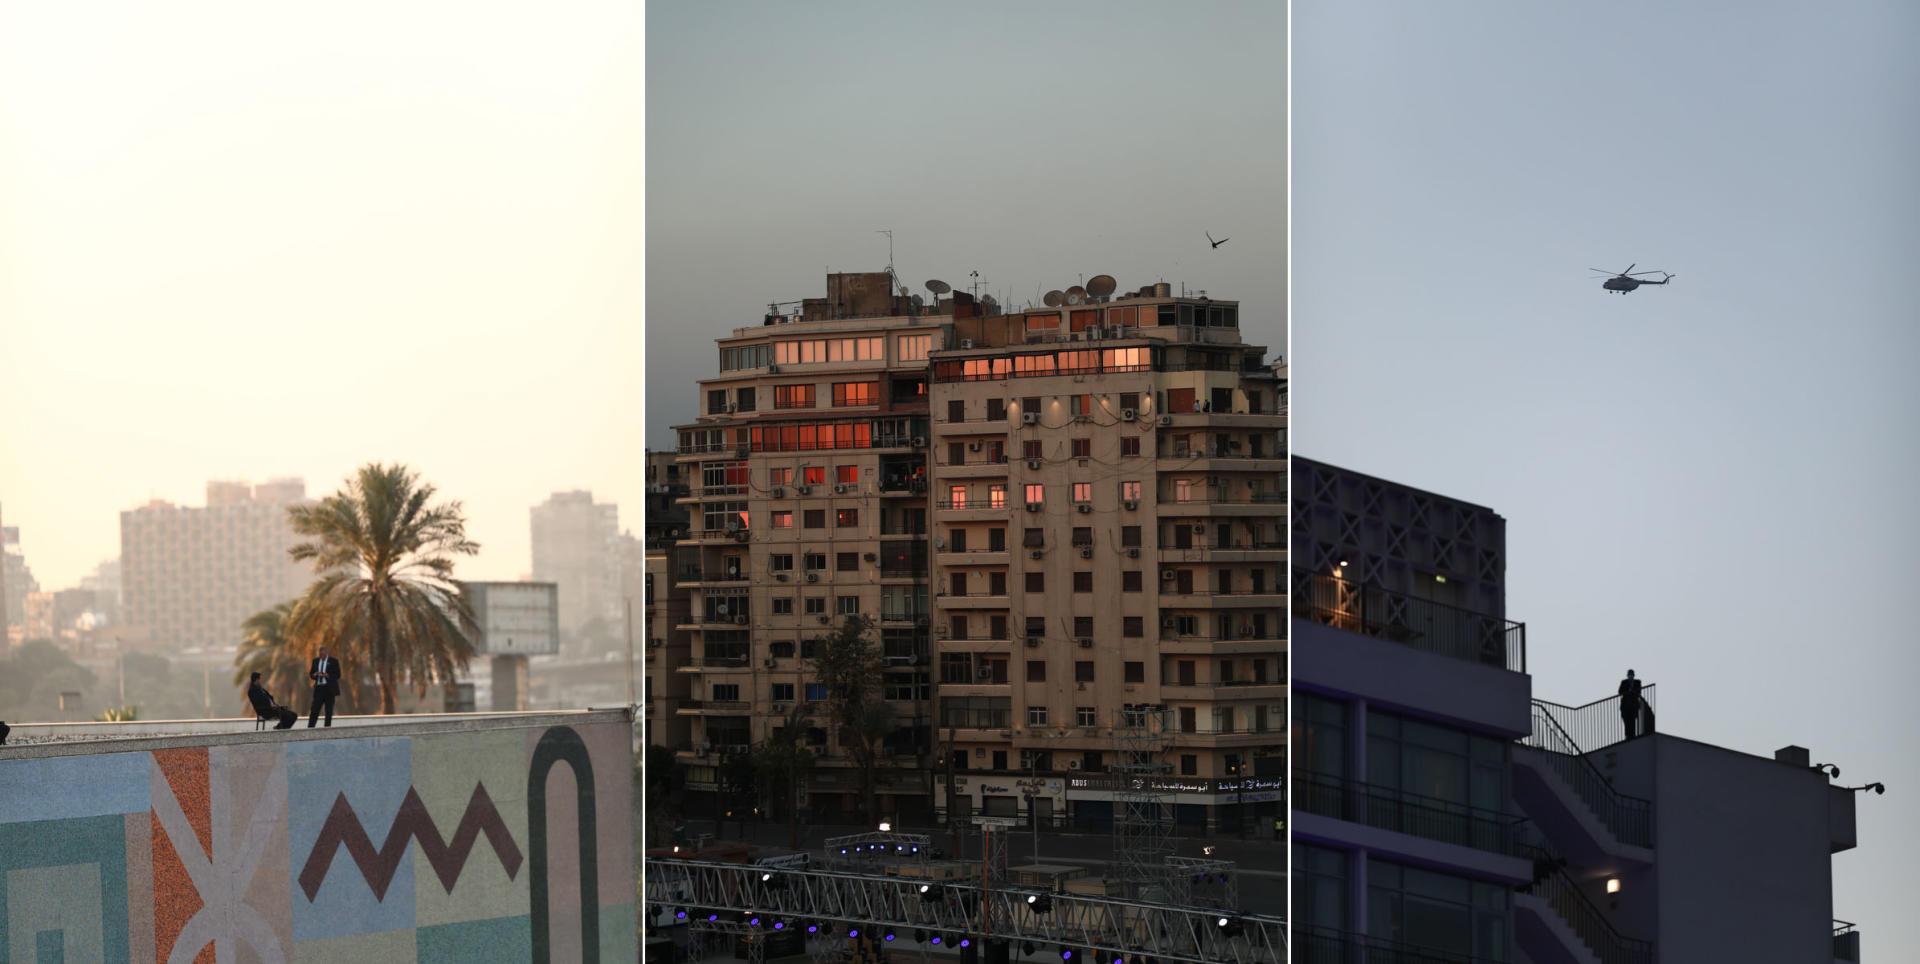 La sécurité est renforcée dans le centre du Caire, notamment sur le toit de l'hôtel Ritz-Carlton qui surplombe la place Tahrir, au Caire, 3 avril 2021.